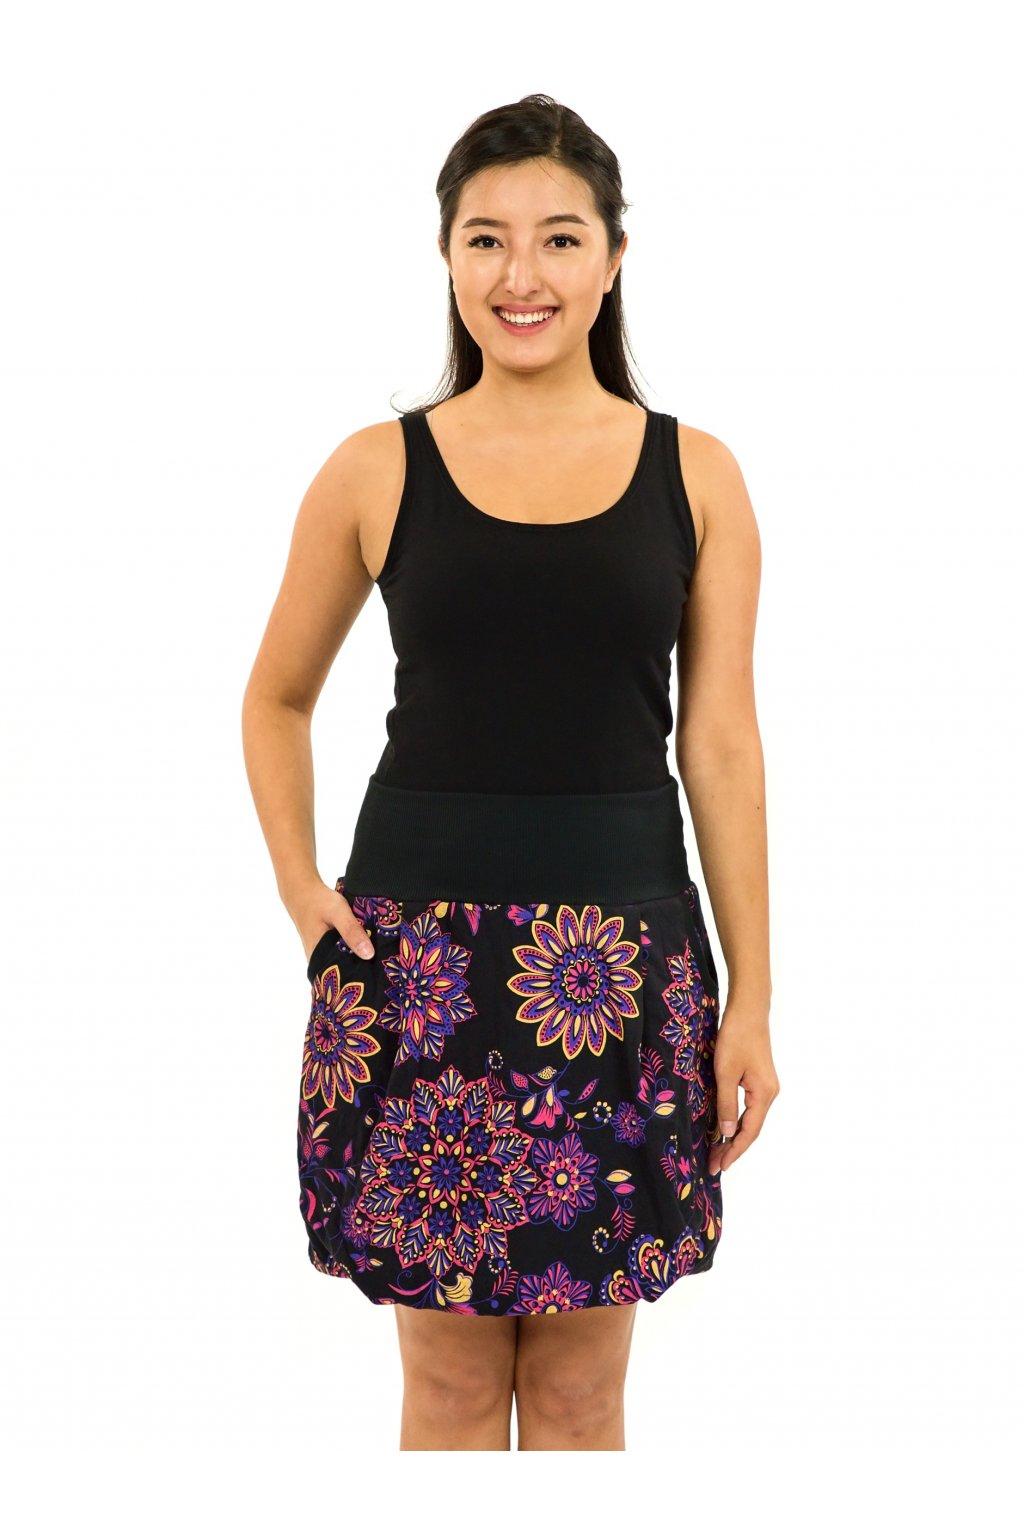 Balonová sukně Madia - černá s růžovou